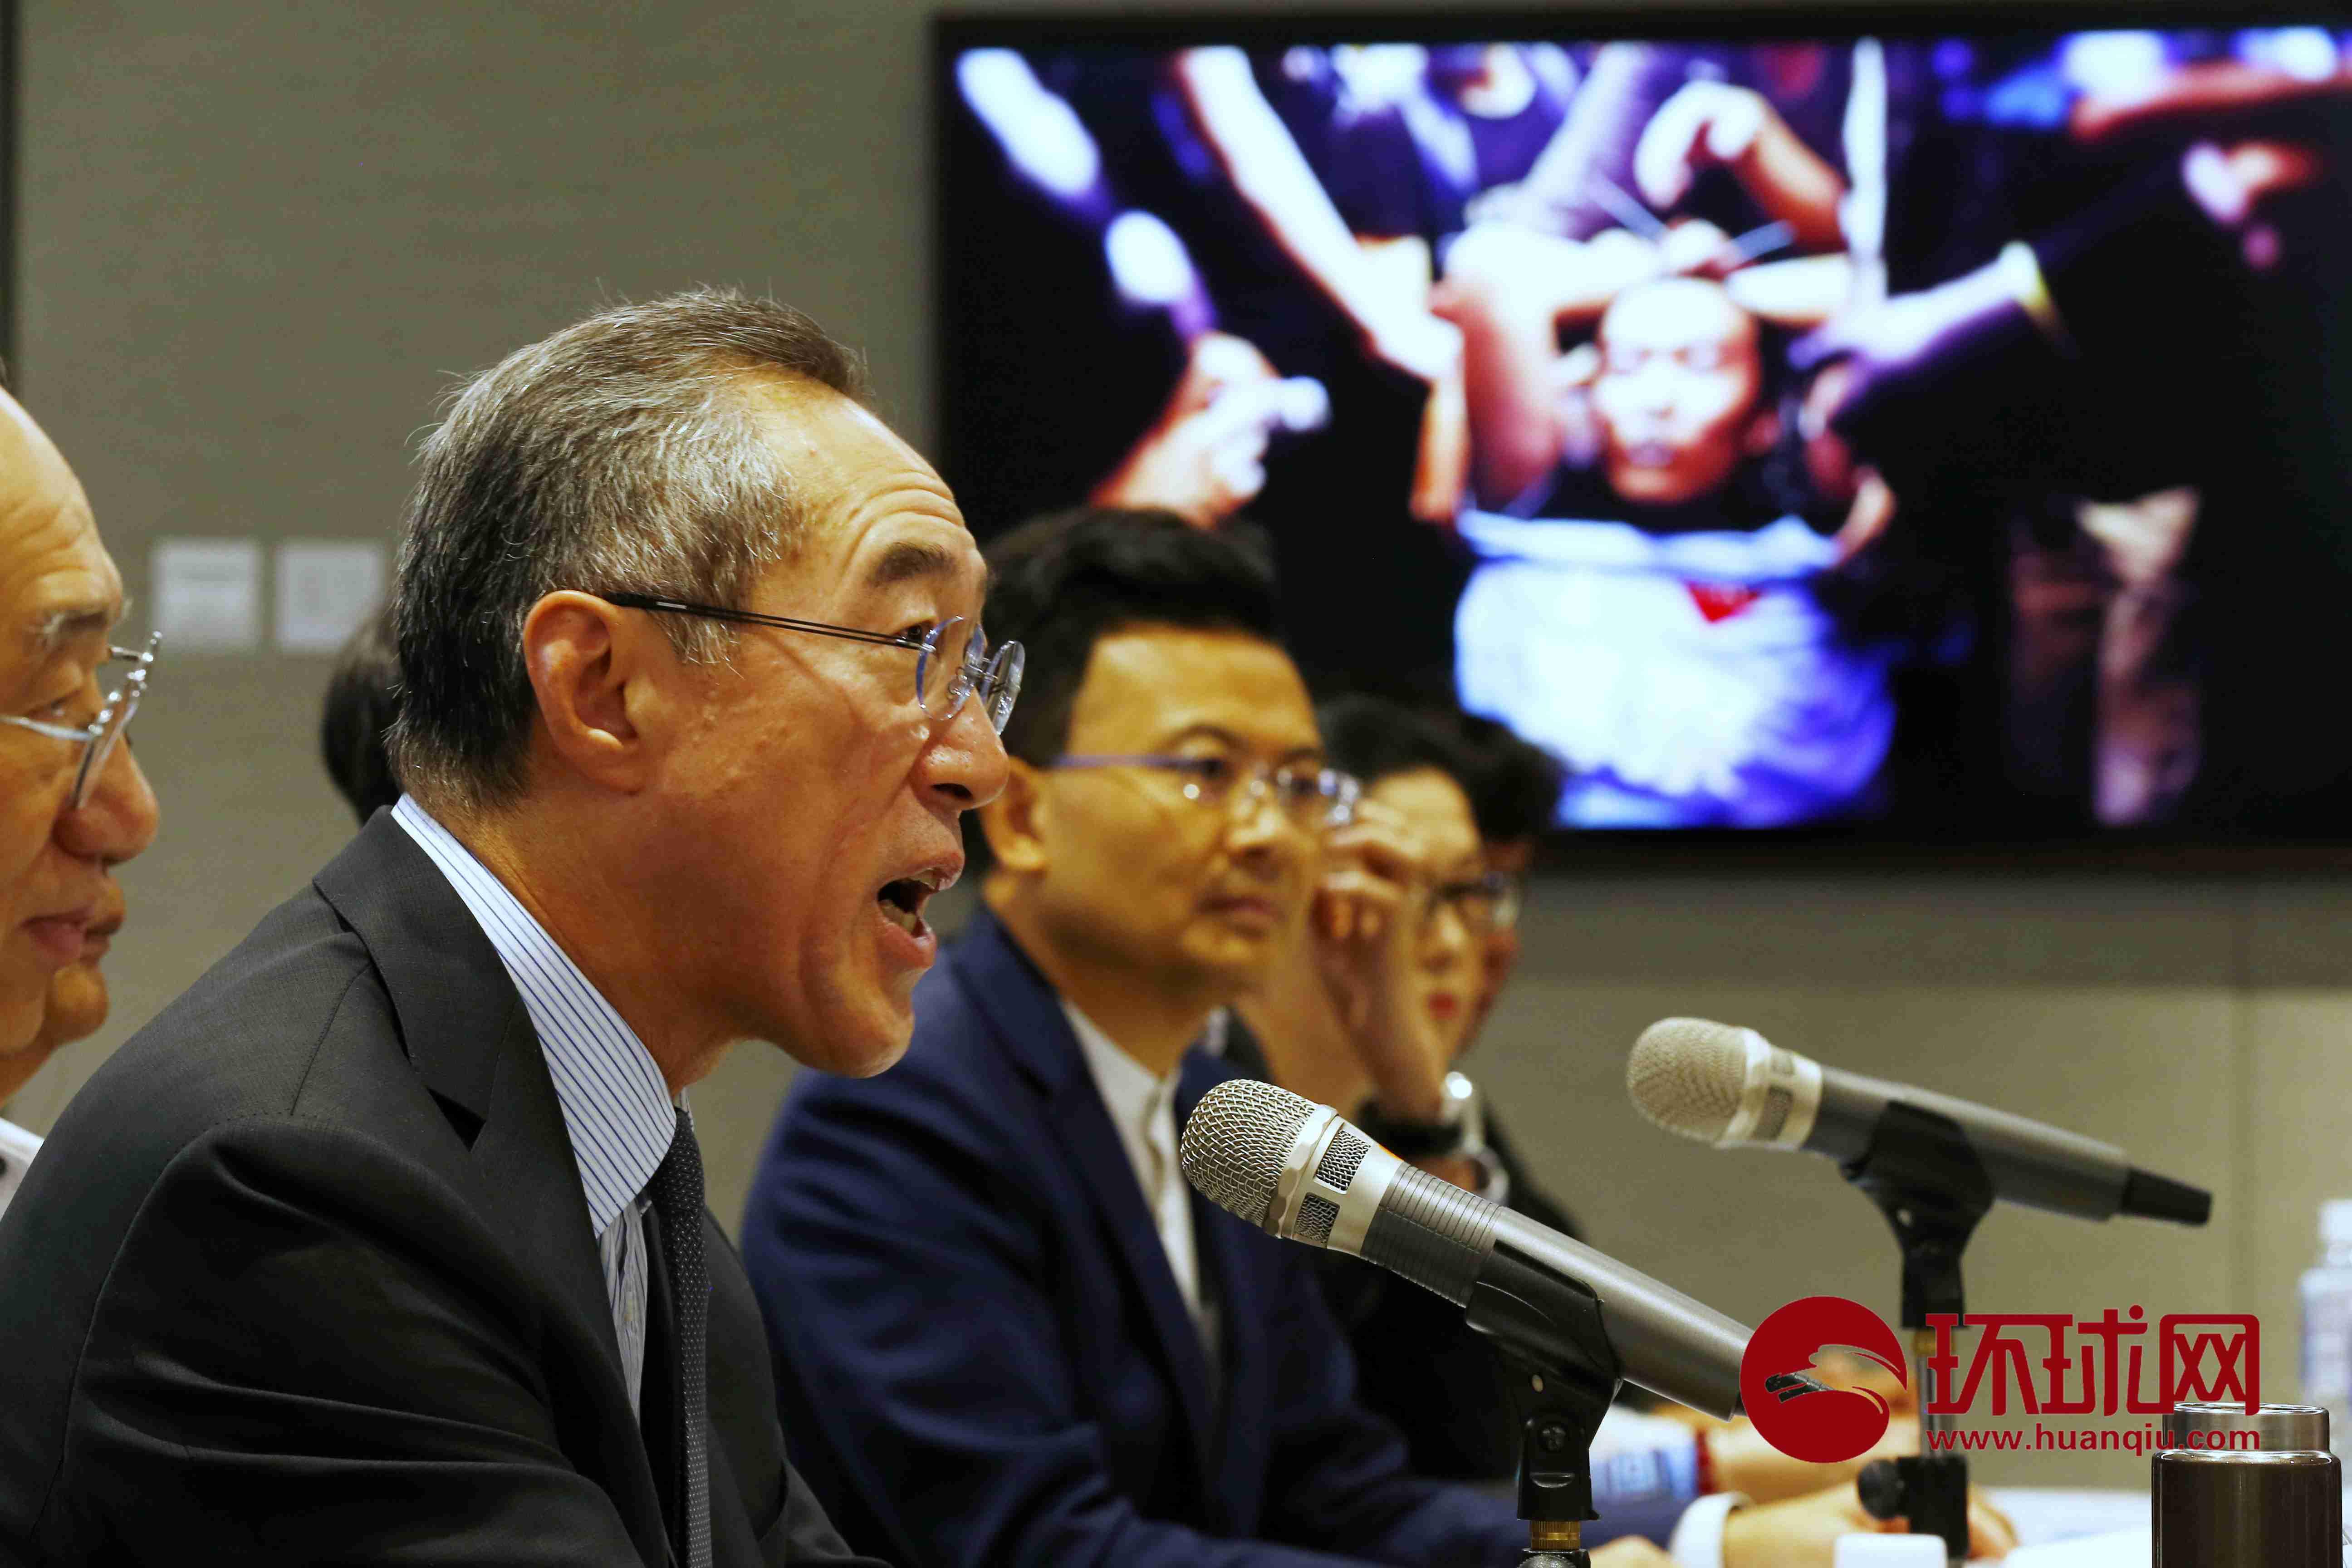 唐英年:机场暴行严重影响香港国